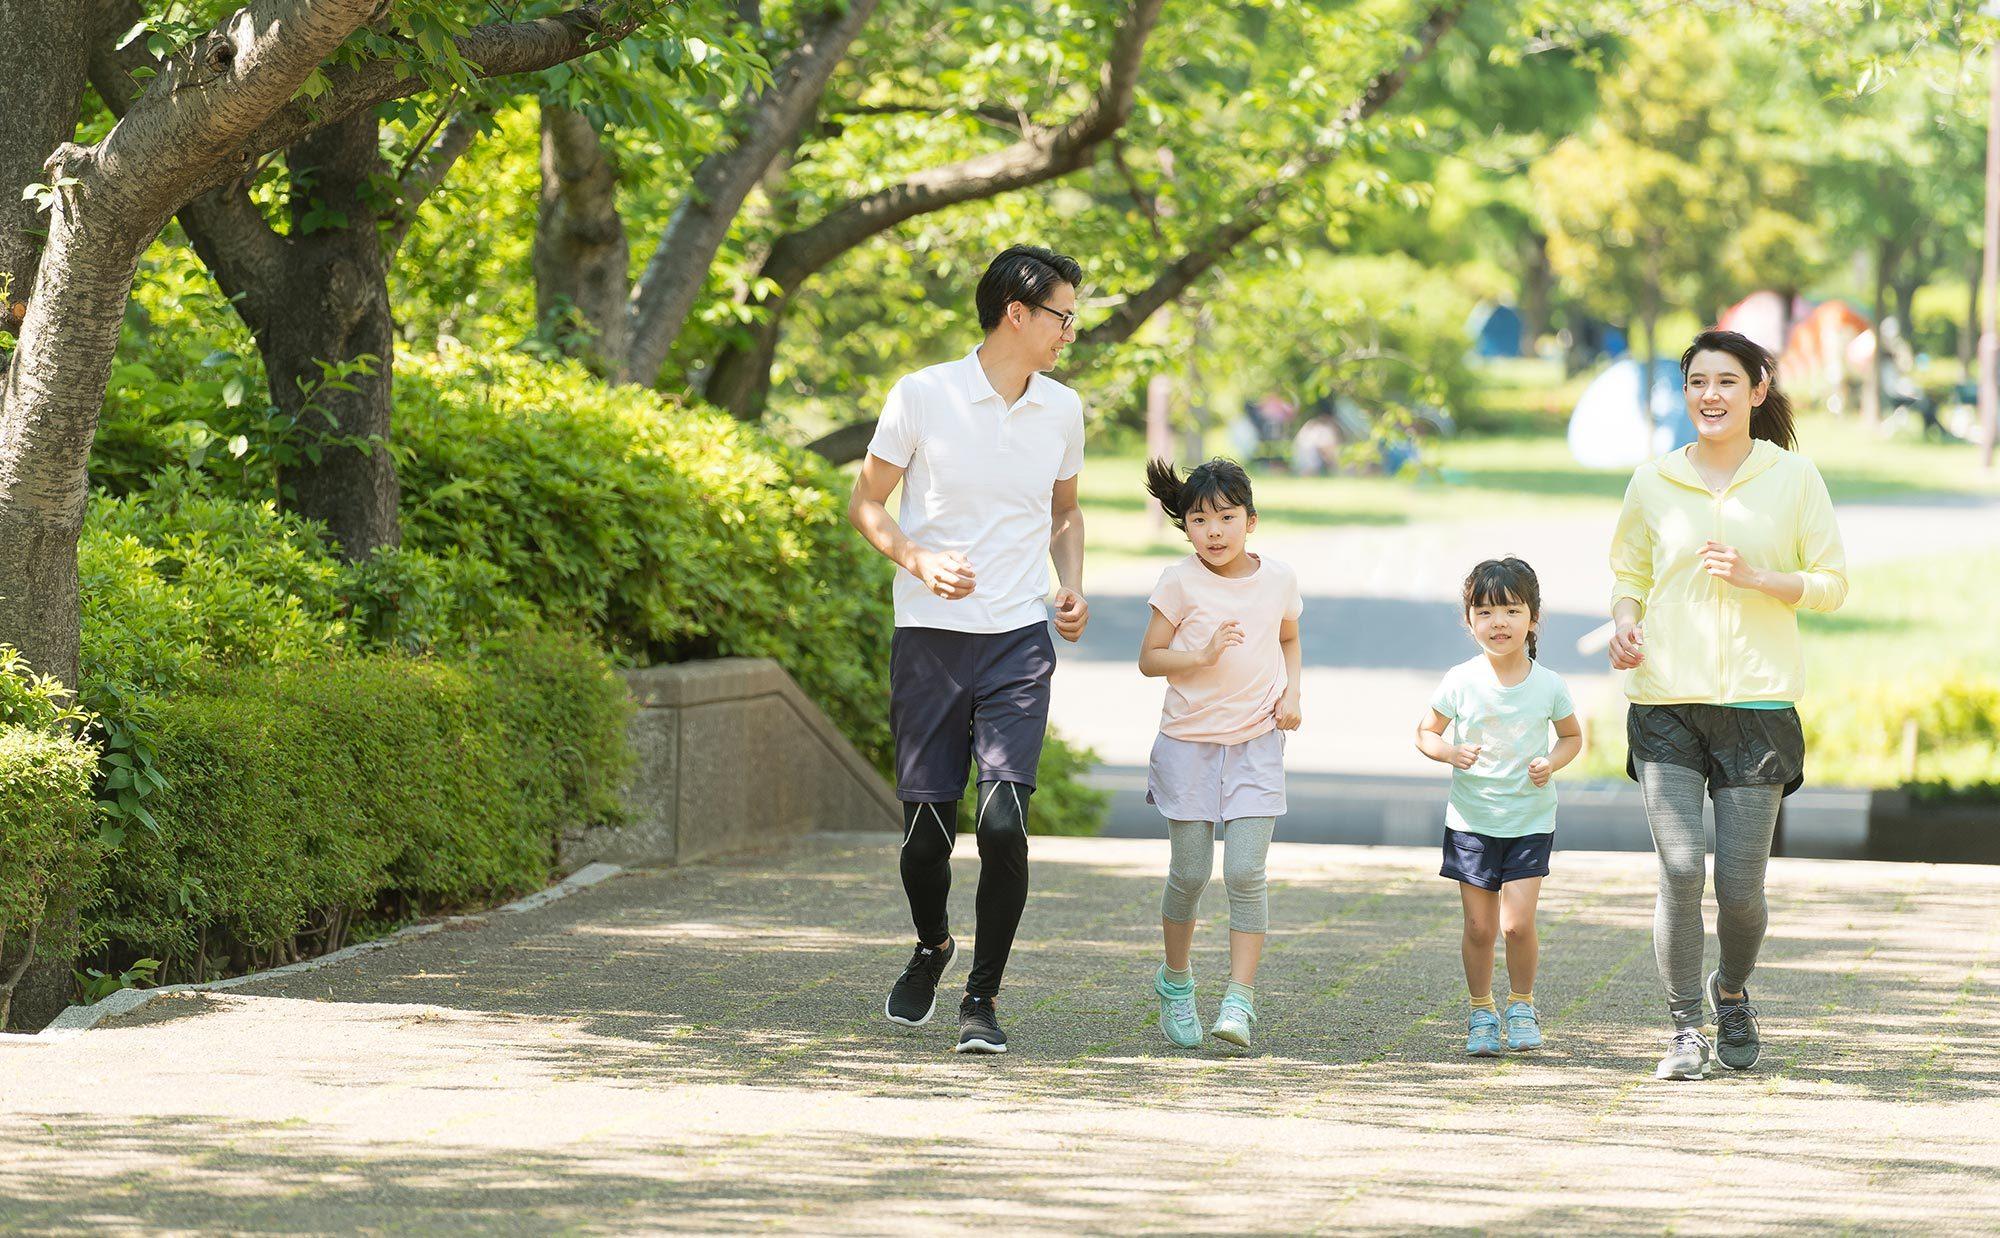 【東京5エリア】少しでも家賃を抑えたい!同じエリアで相場より安い物件に住もう